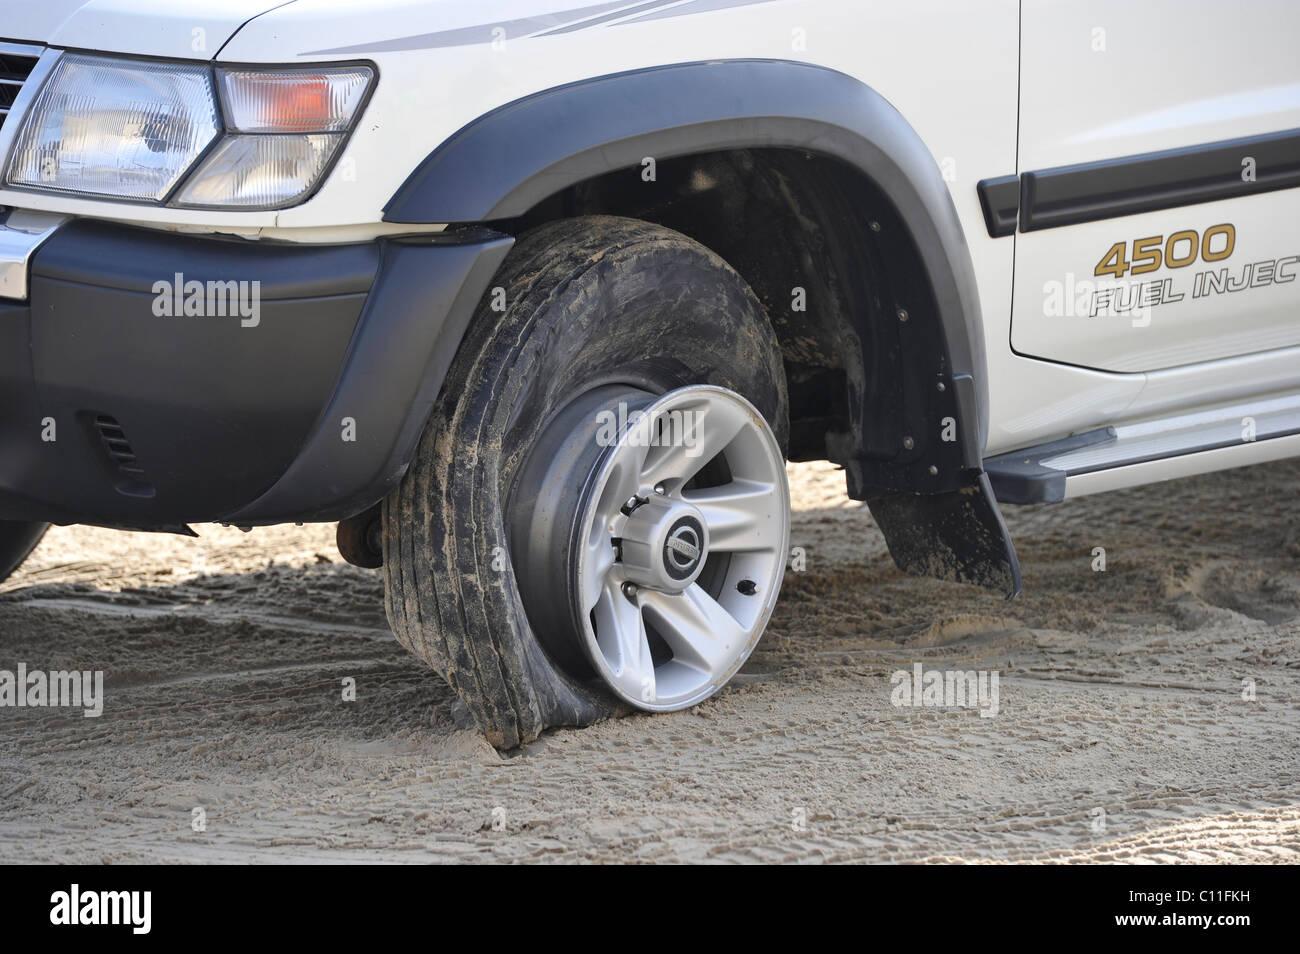 Geplatzten Reifen Von Einem Offroader 4500 Nissan Patrol 4500 Kraftstoffeinspritzung 4 X 4 Sanddunen Emirat Katar Persischen Golf Fahren Stockfotografie Alamy